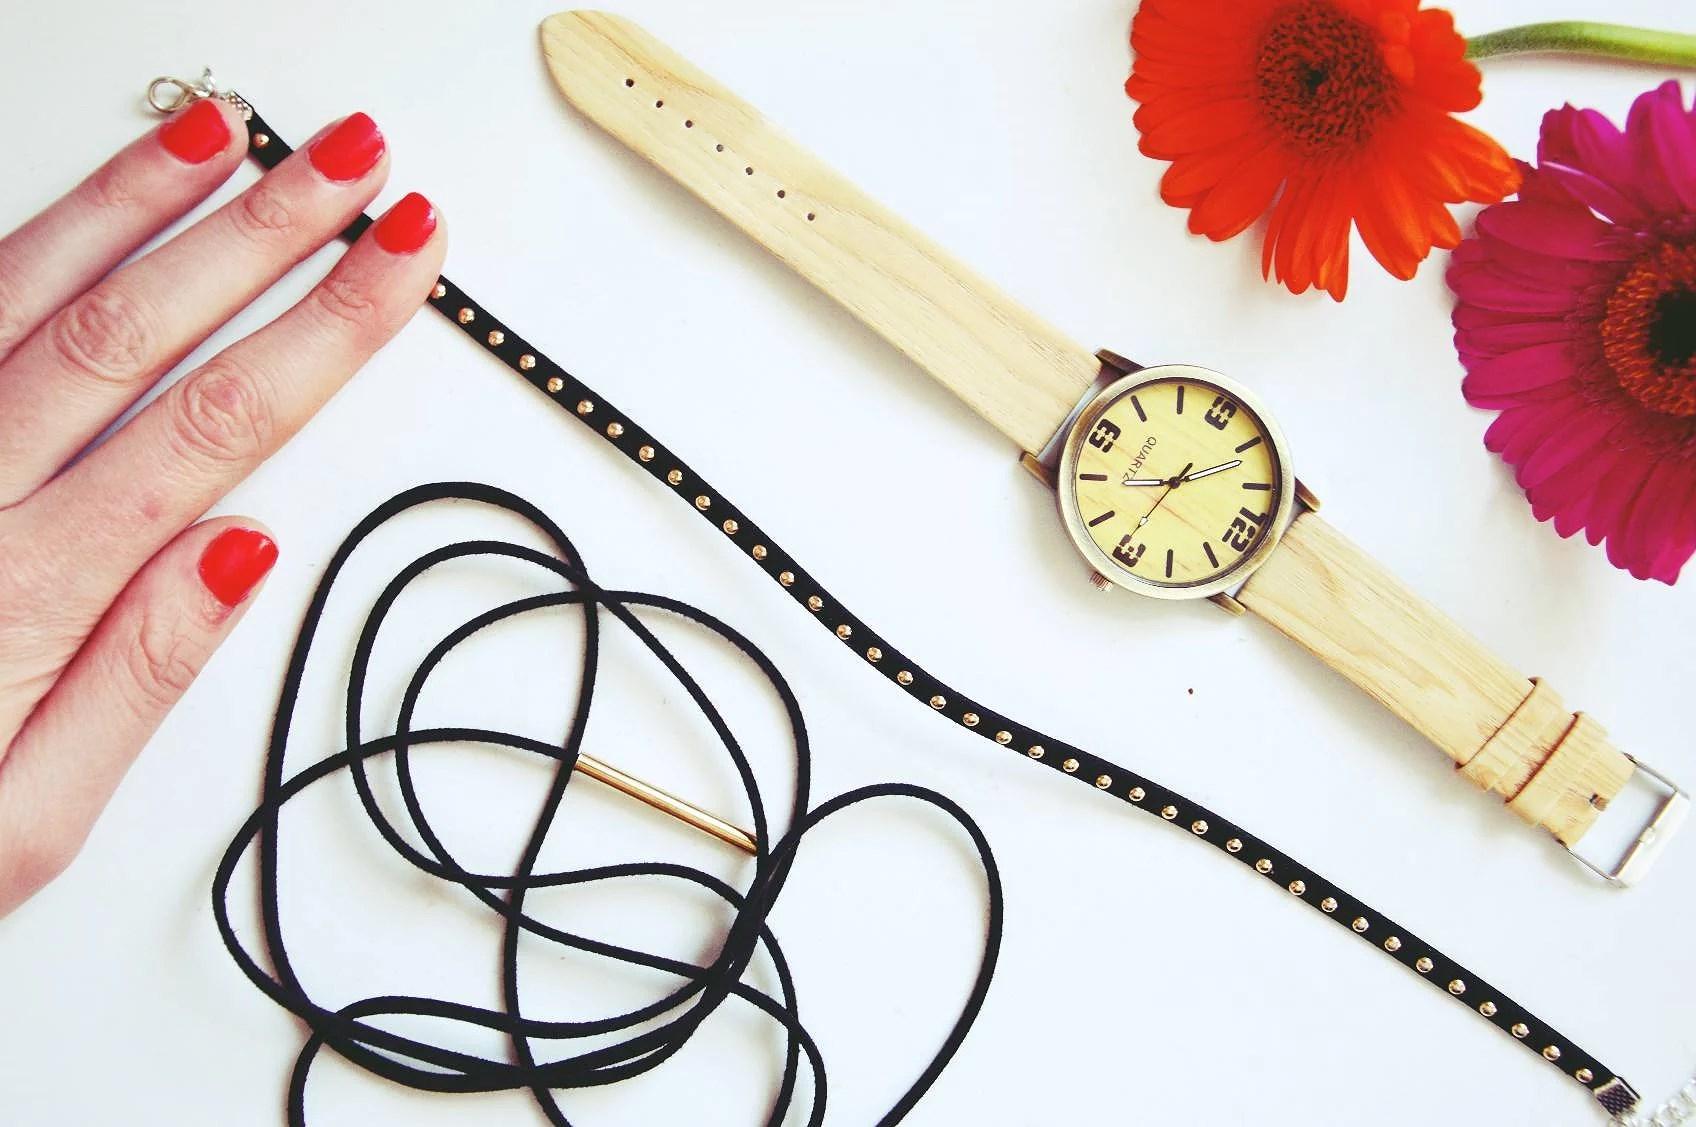 naszyjnik, obroża, watch, zegarek, fashion, moda, magiclovv, paznokcie, gadżety,